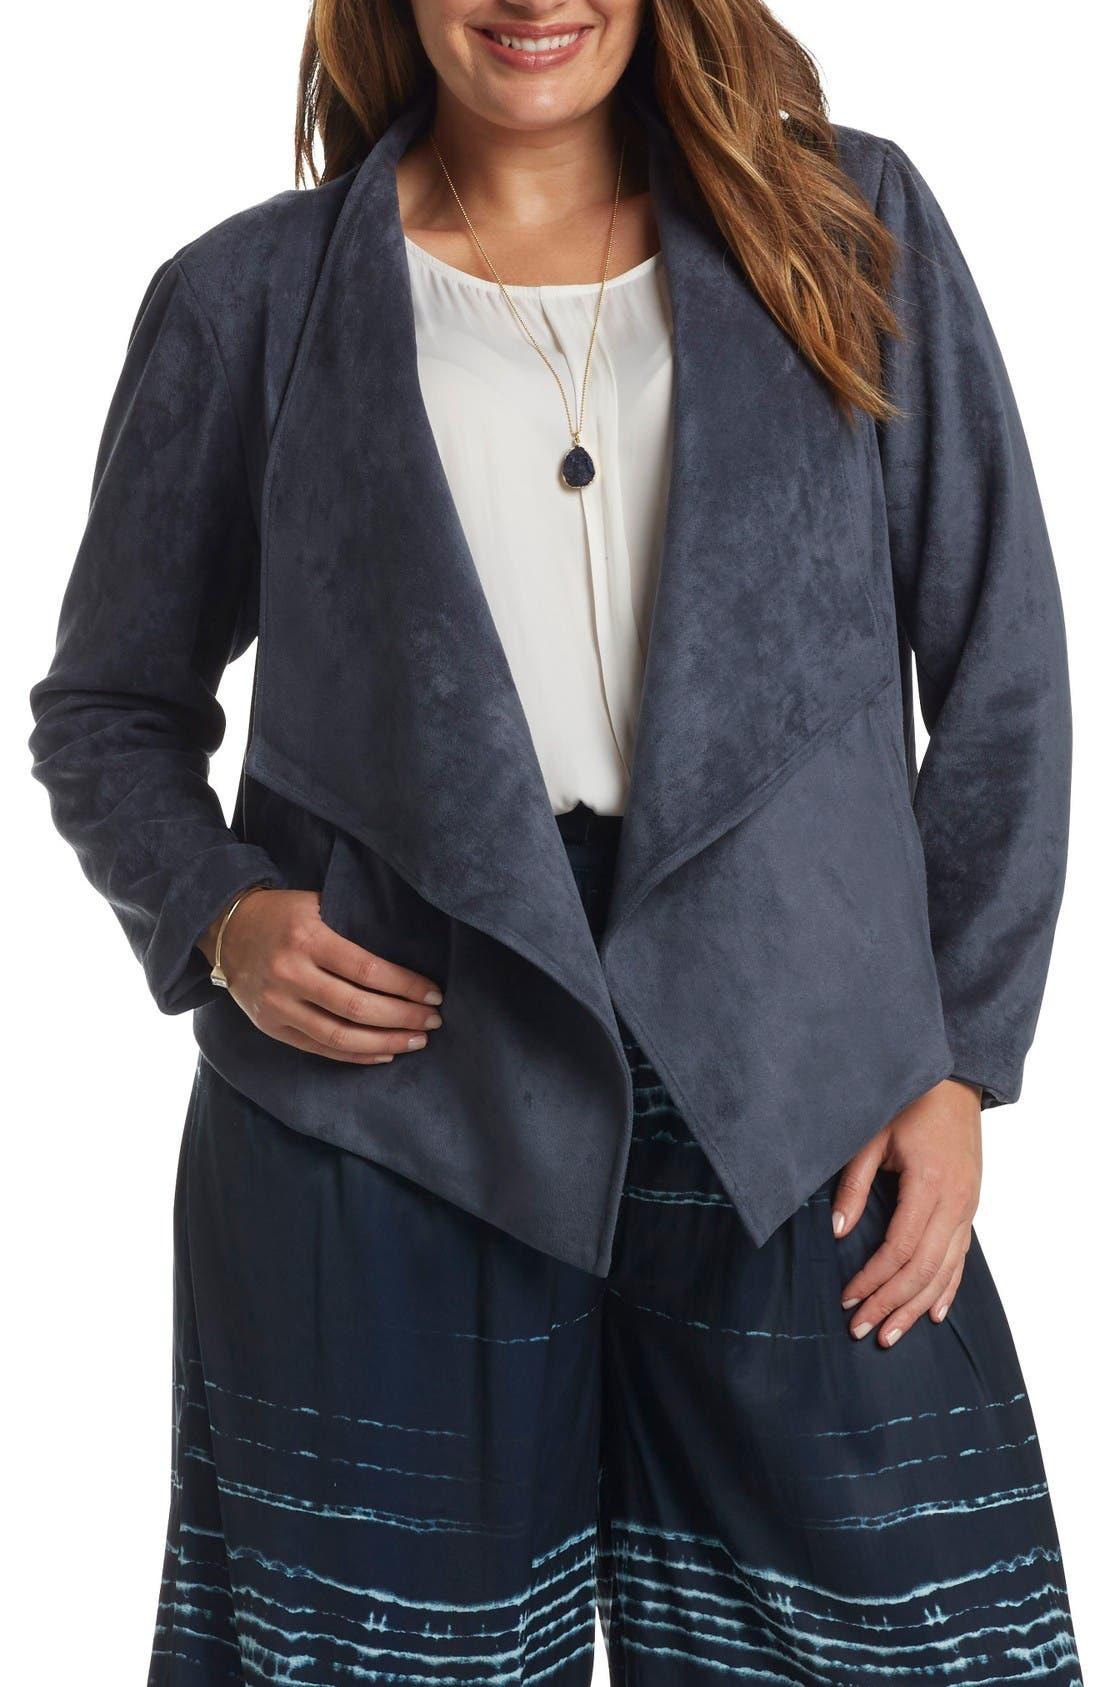 Sybil Faux Suede Drape Front Jacket,                             Main thumbnail 1, color,                             Steel Blue